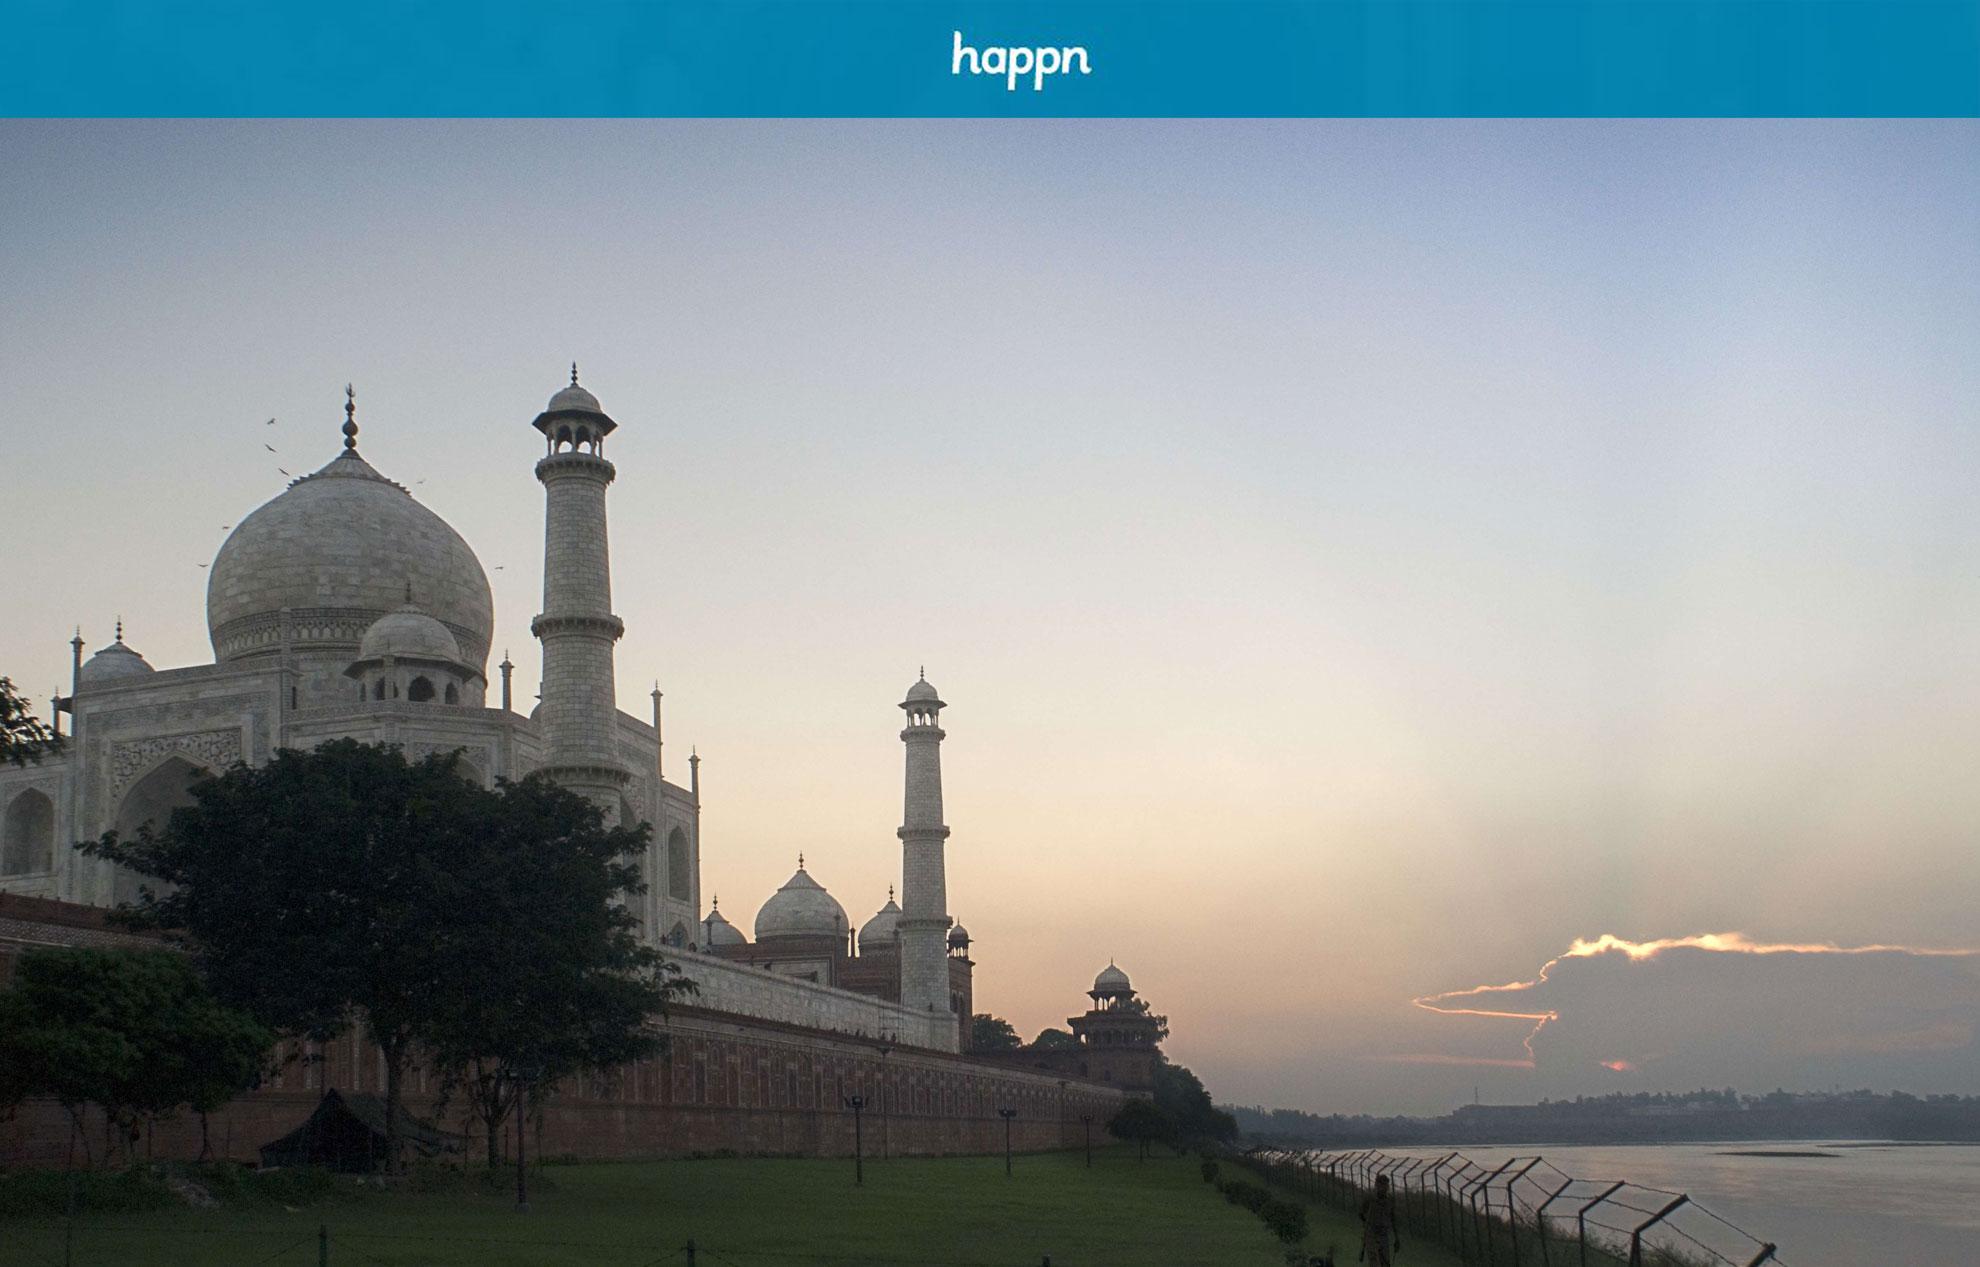 qui rencontre app est le meilleur en Inde